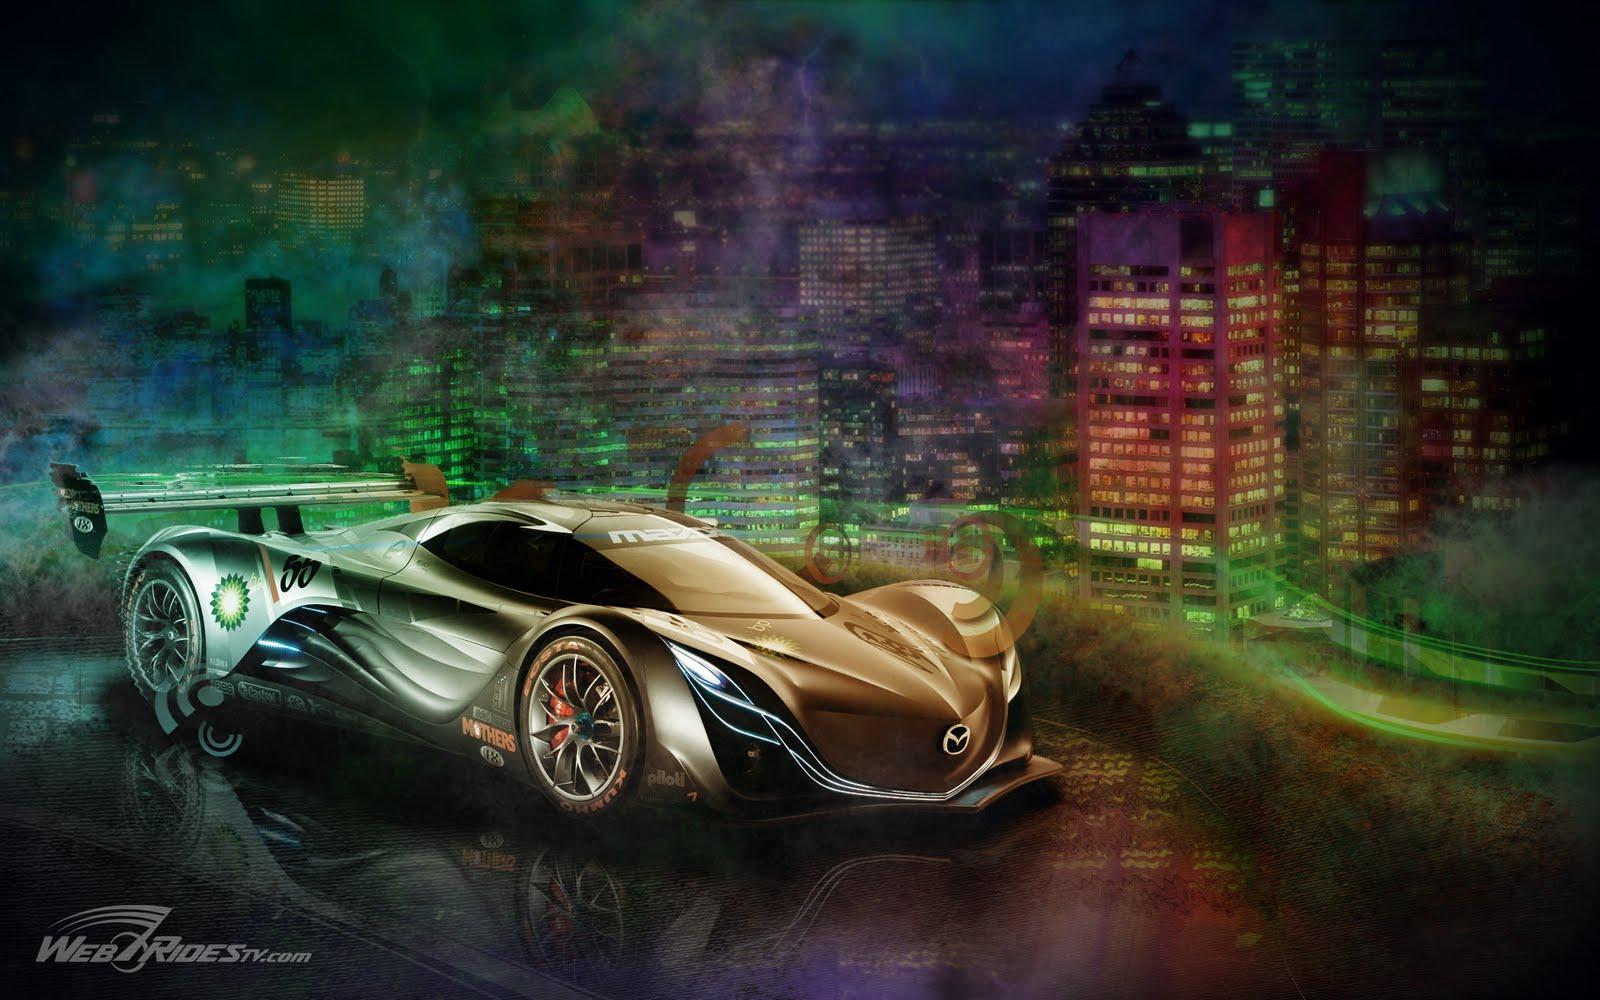 mazda furai concept car hd wallpapers | wallpaper hd black